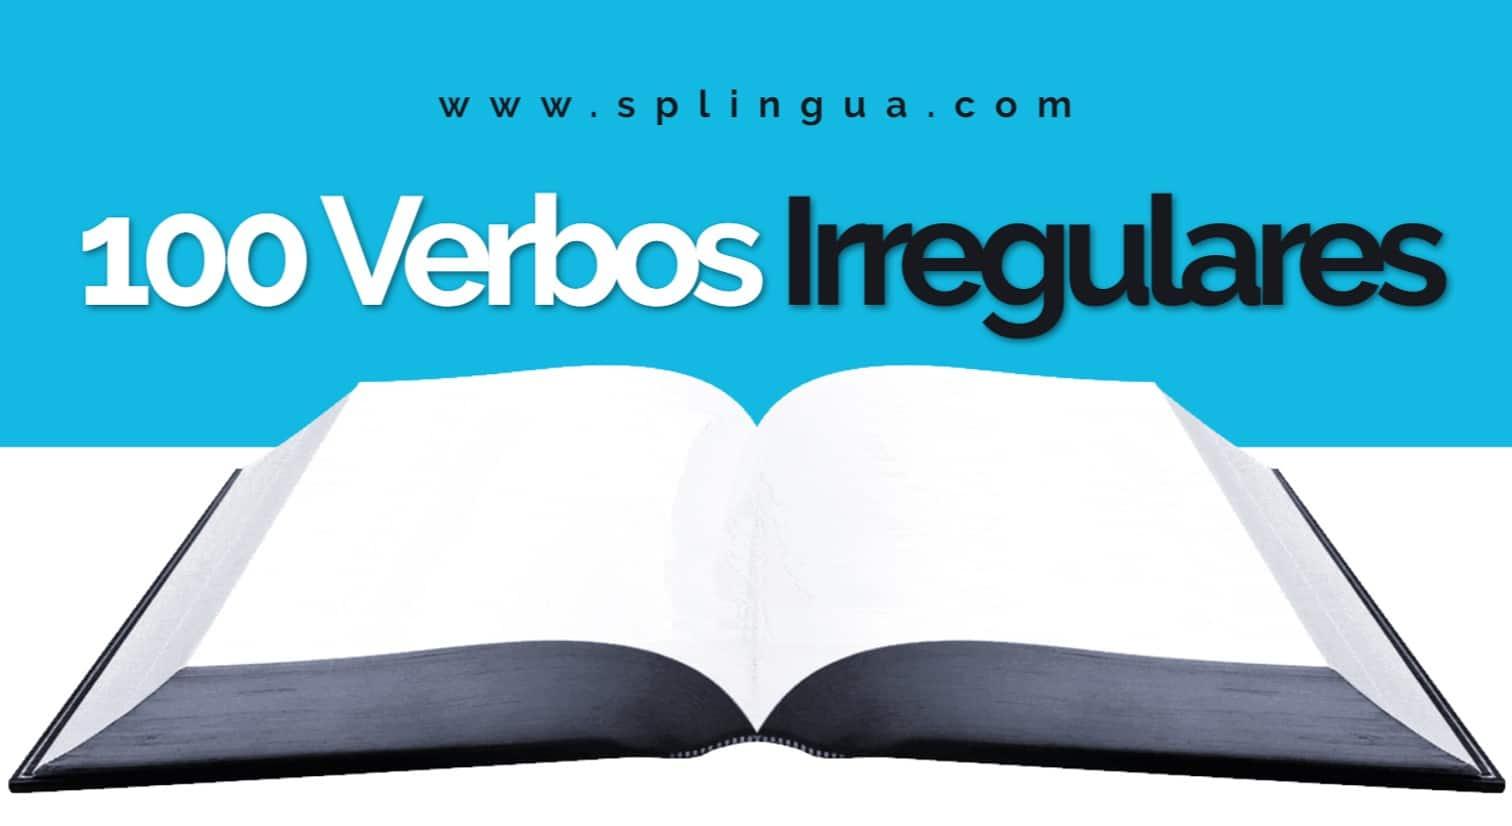 100 verbos irregulares